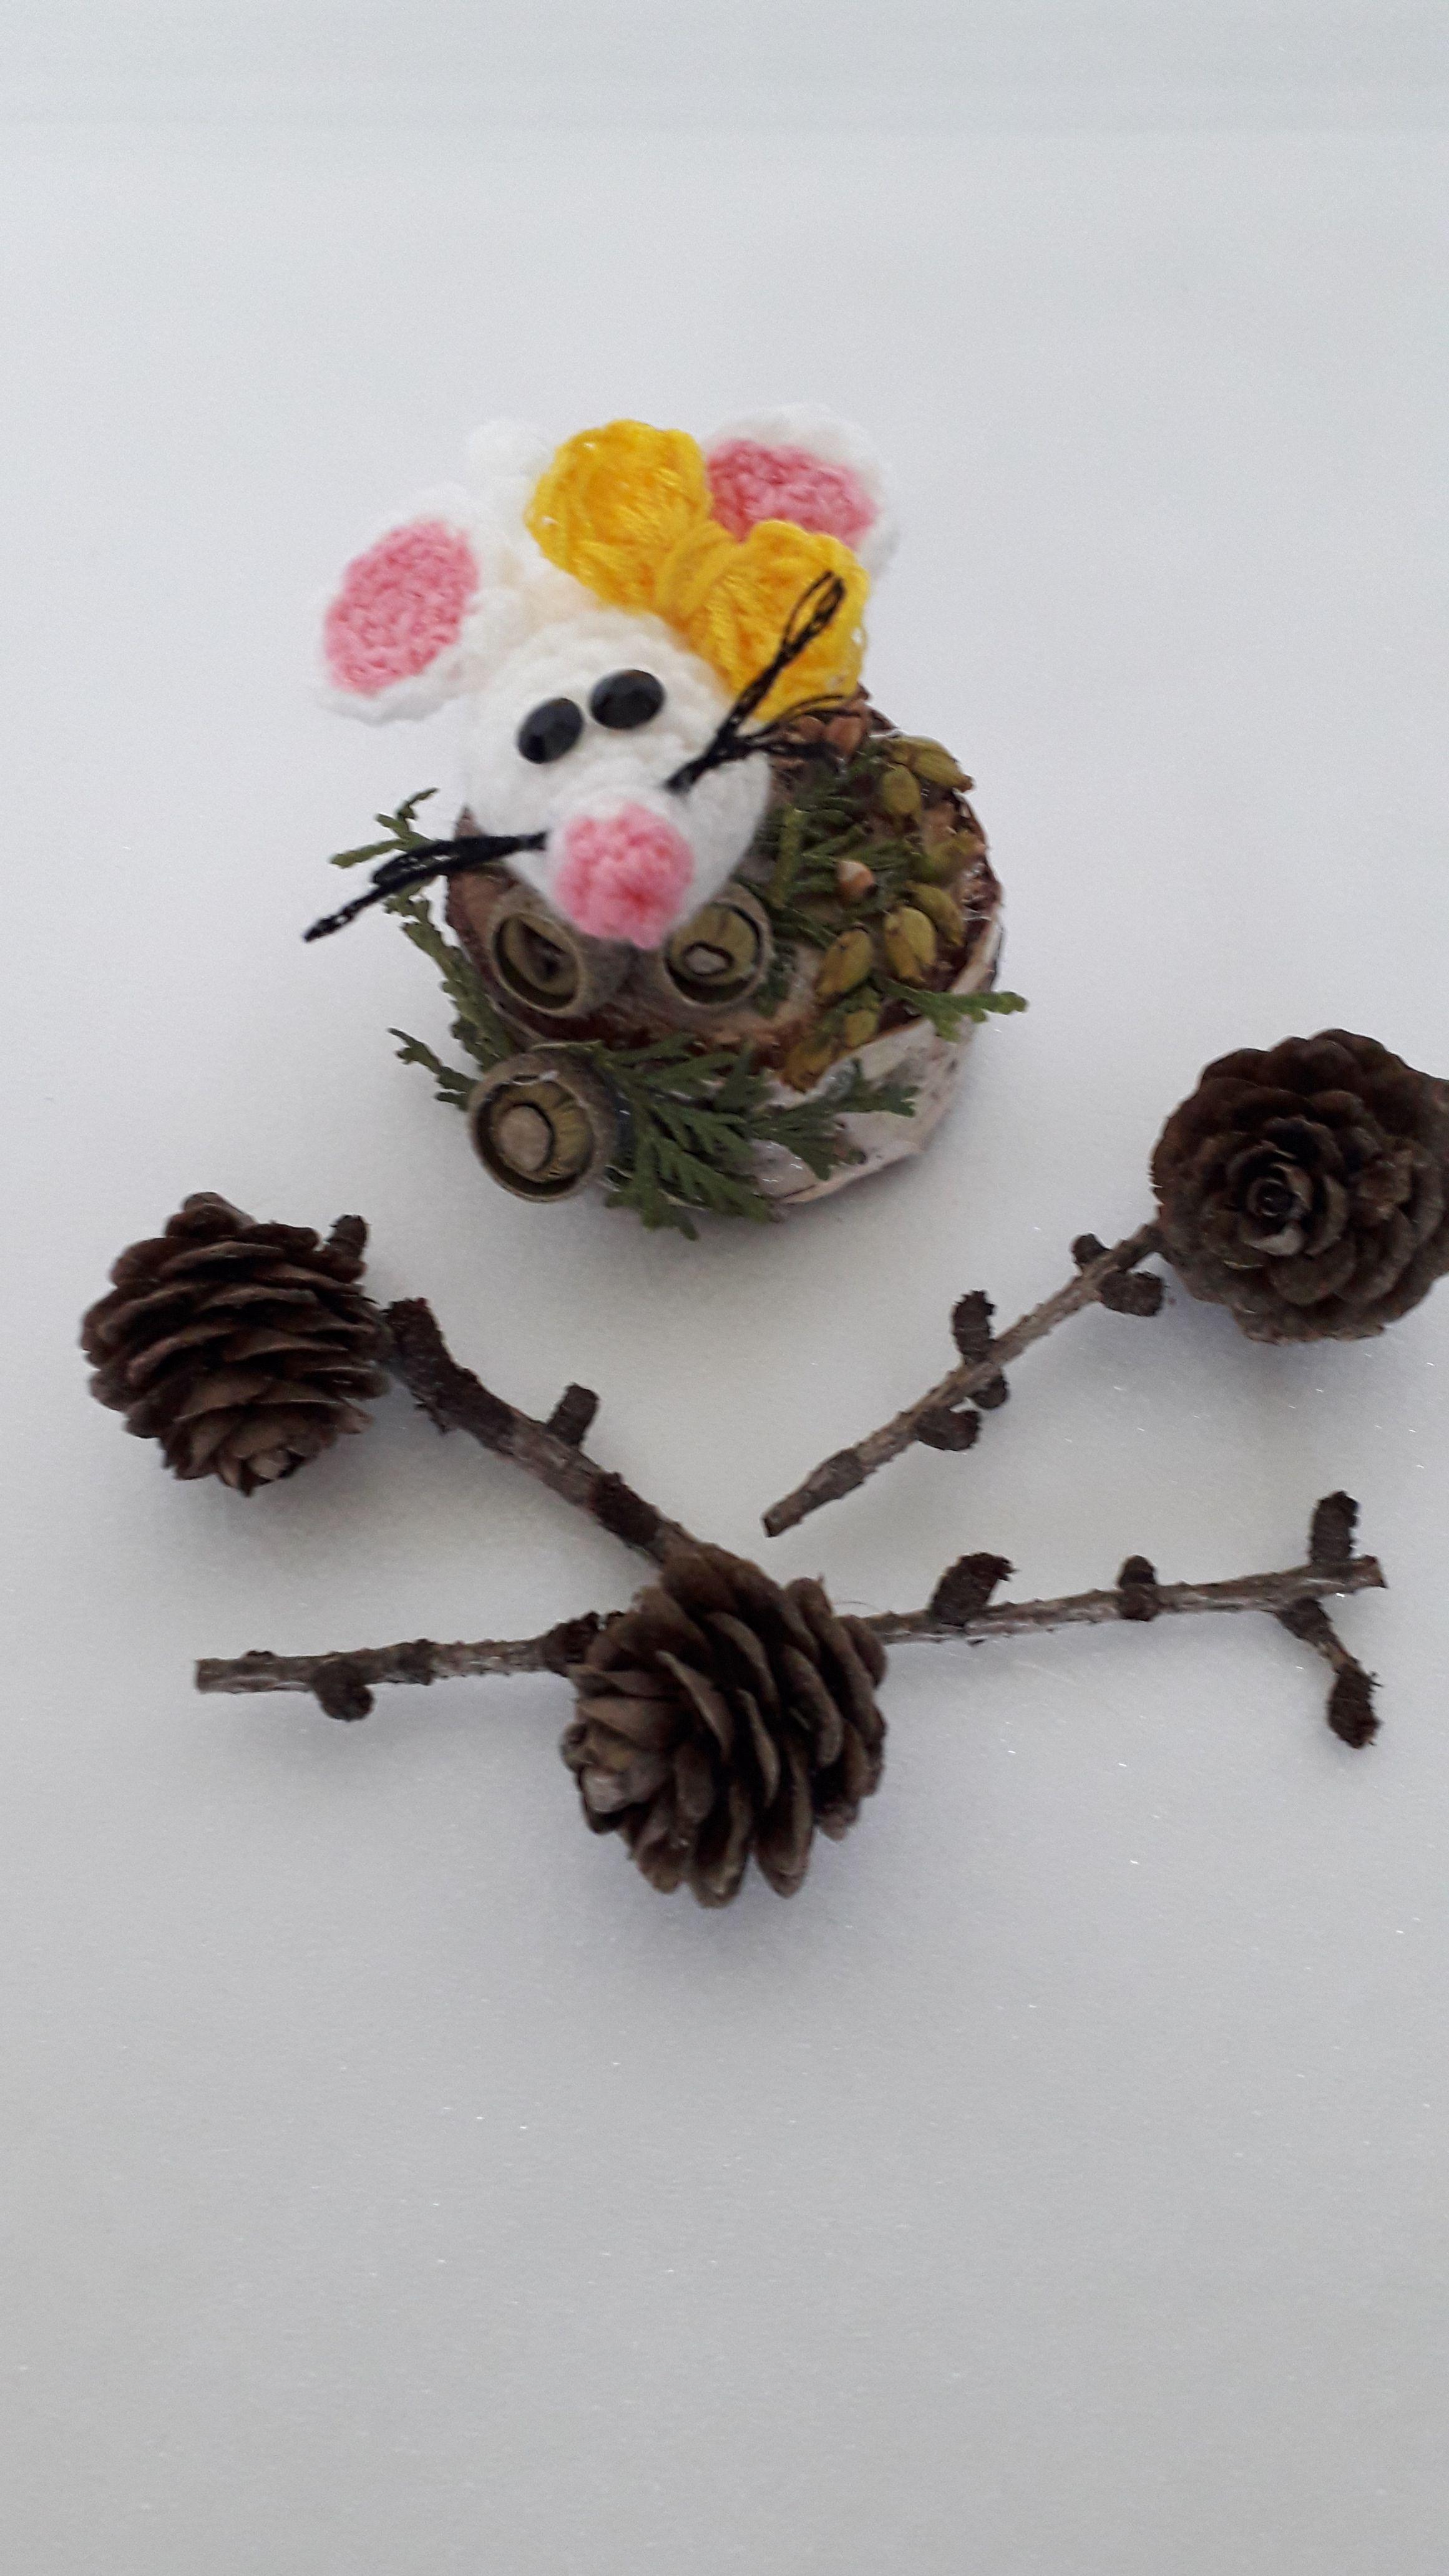 ручнаяработа мышки рождество длядома новыйгод сувенир мышь игрушка подарок